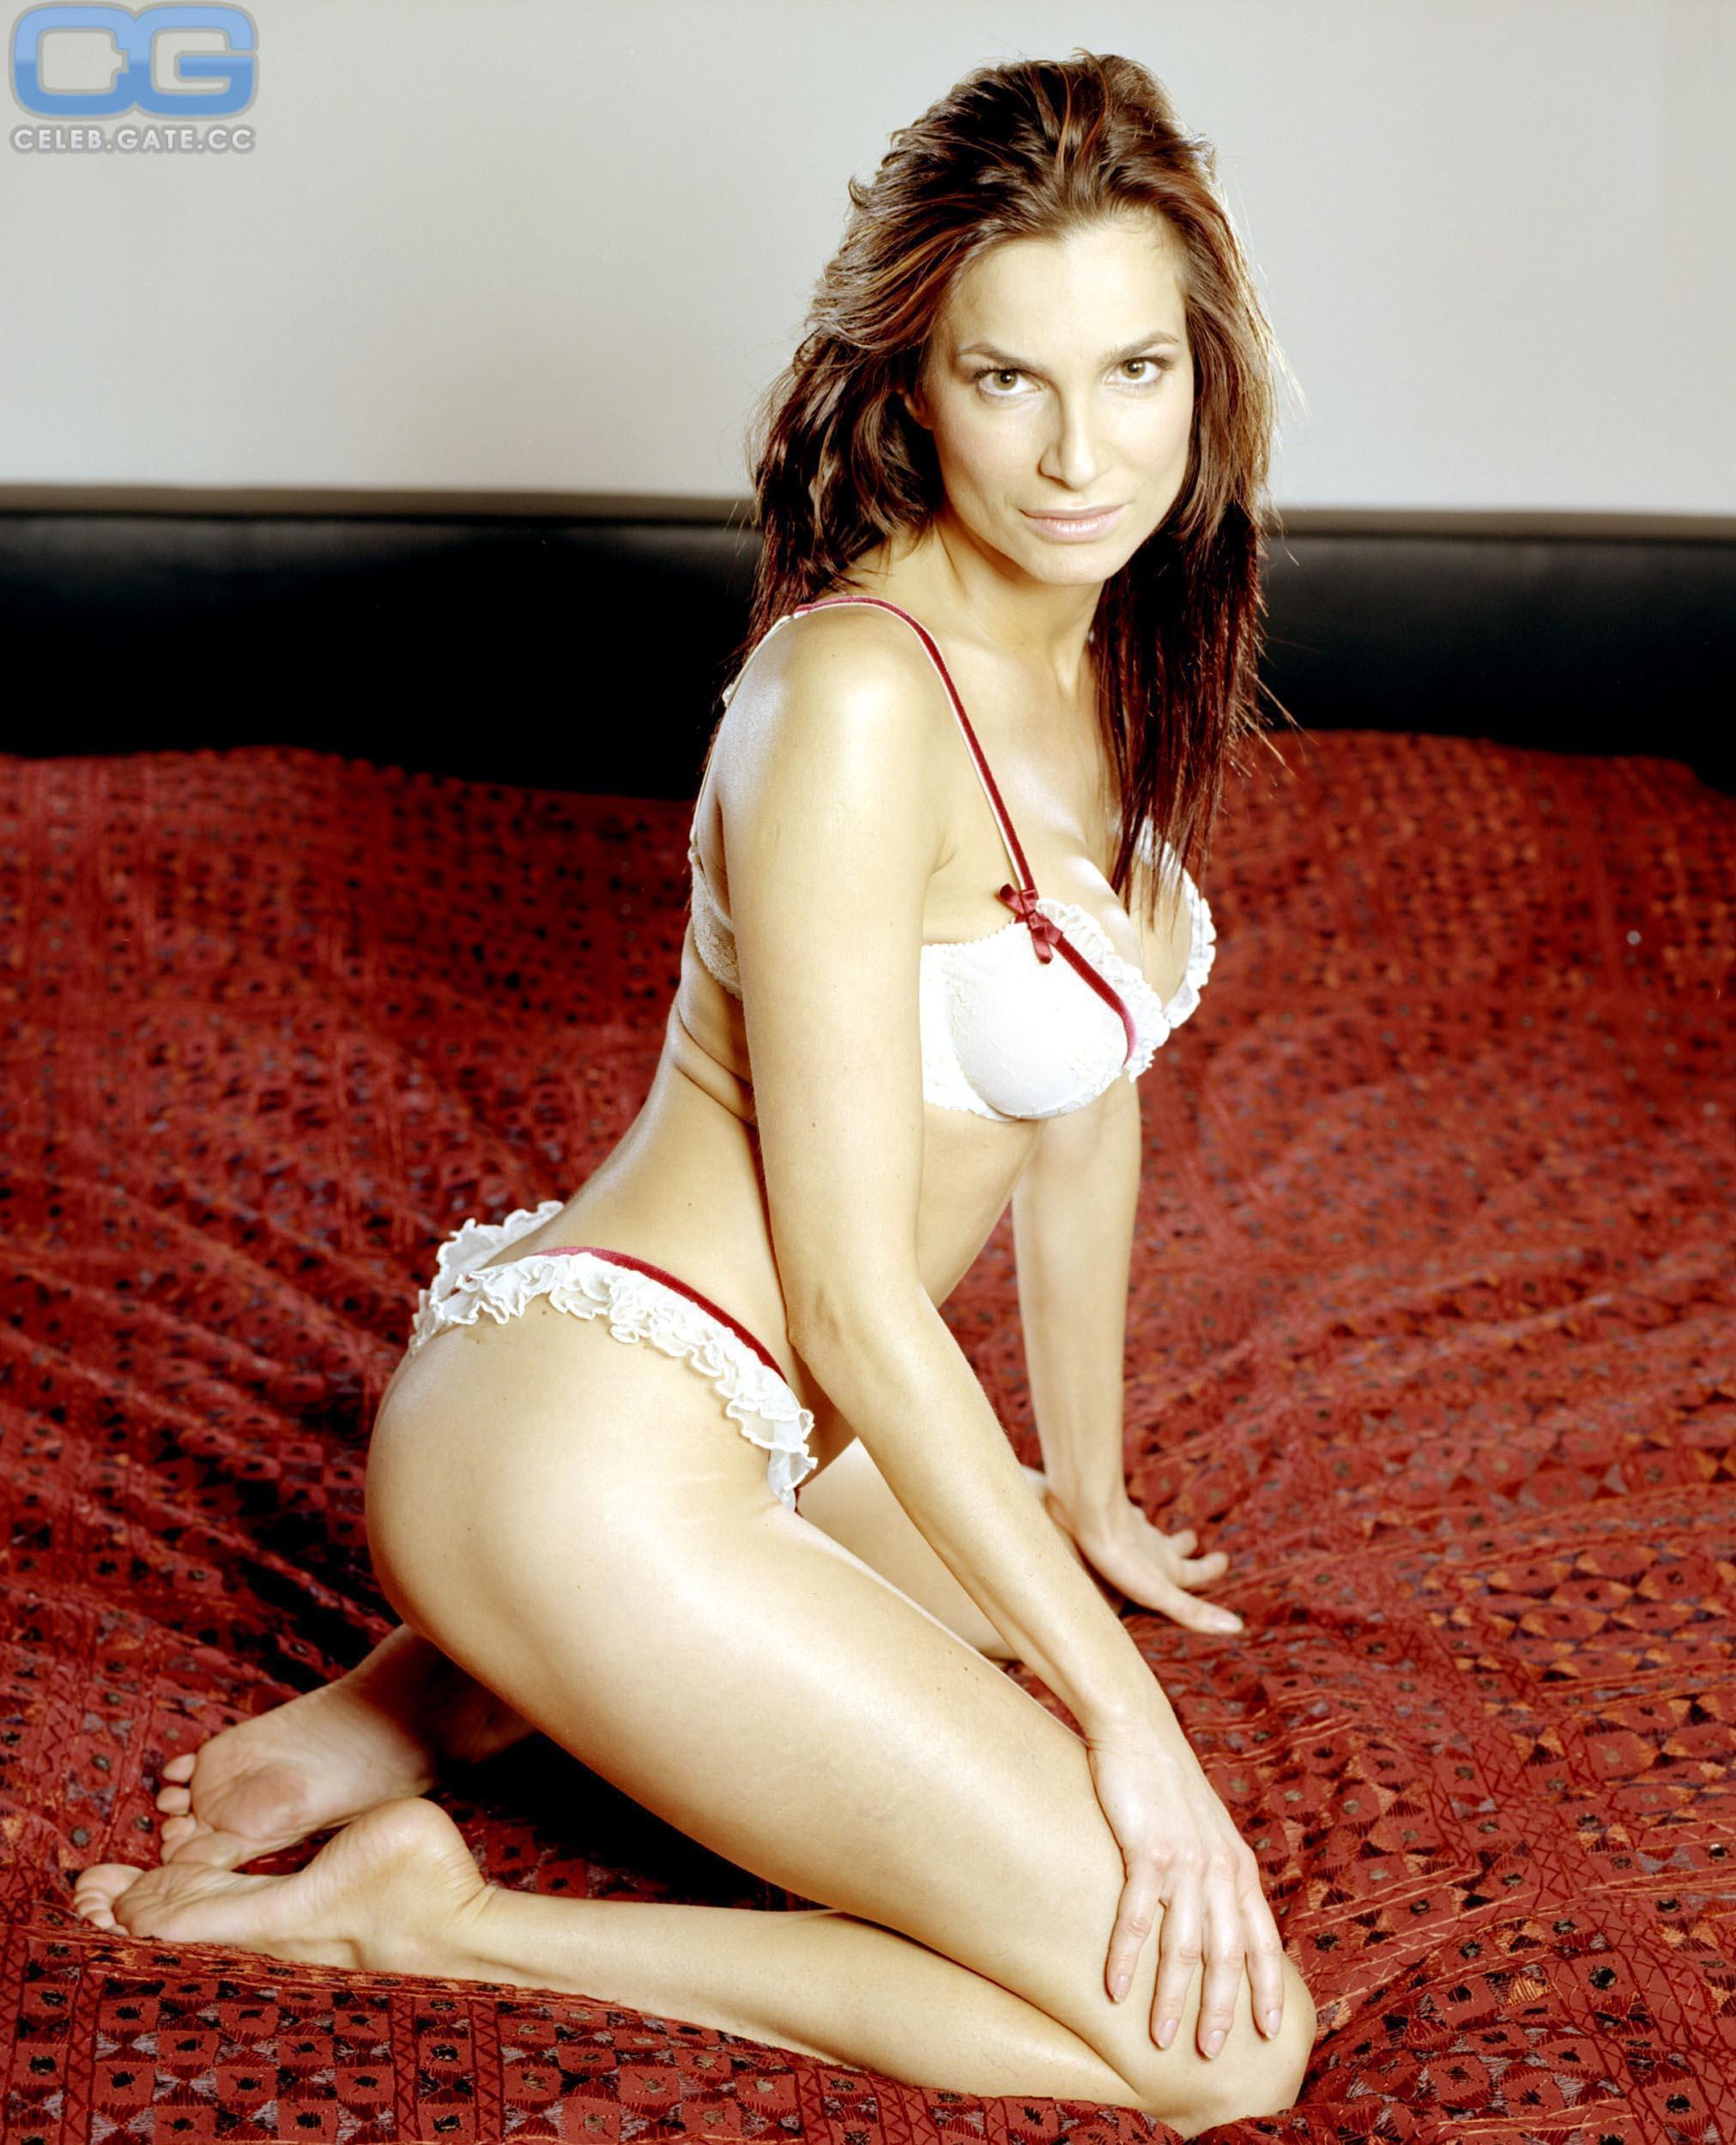 Alexandra kamp nude